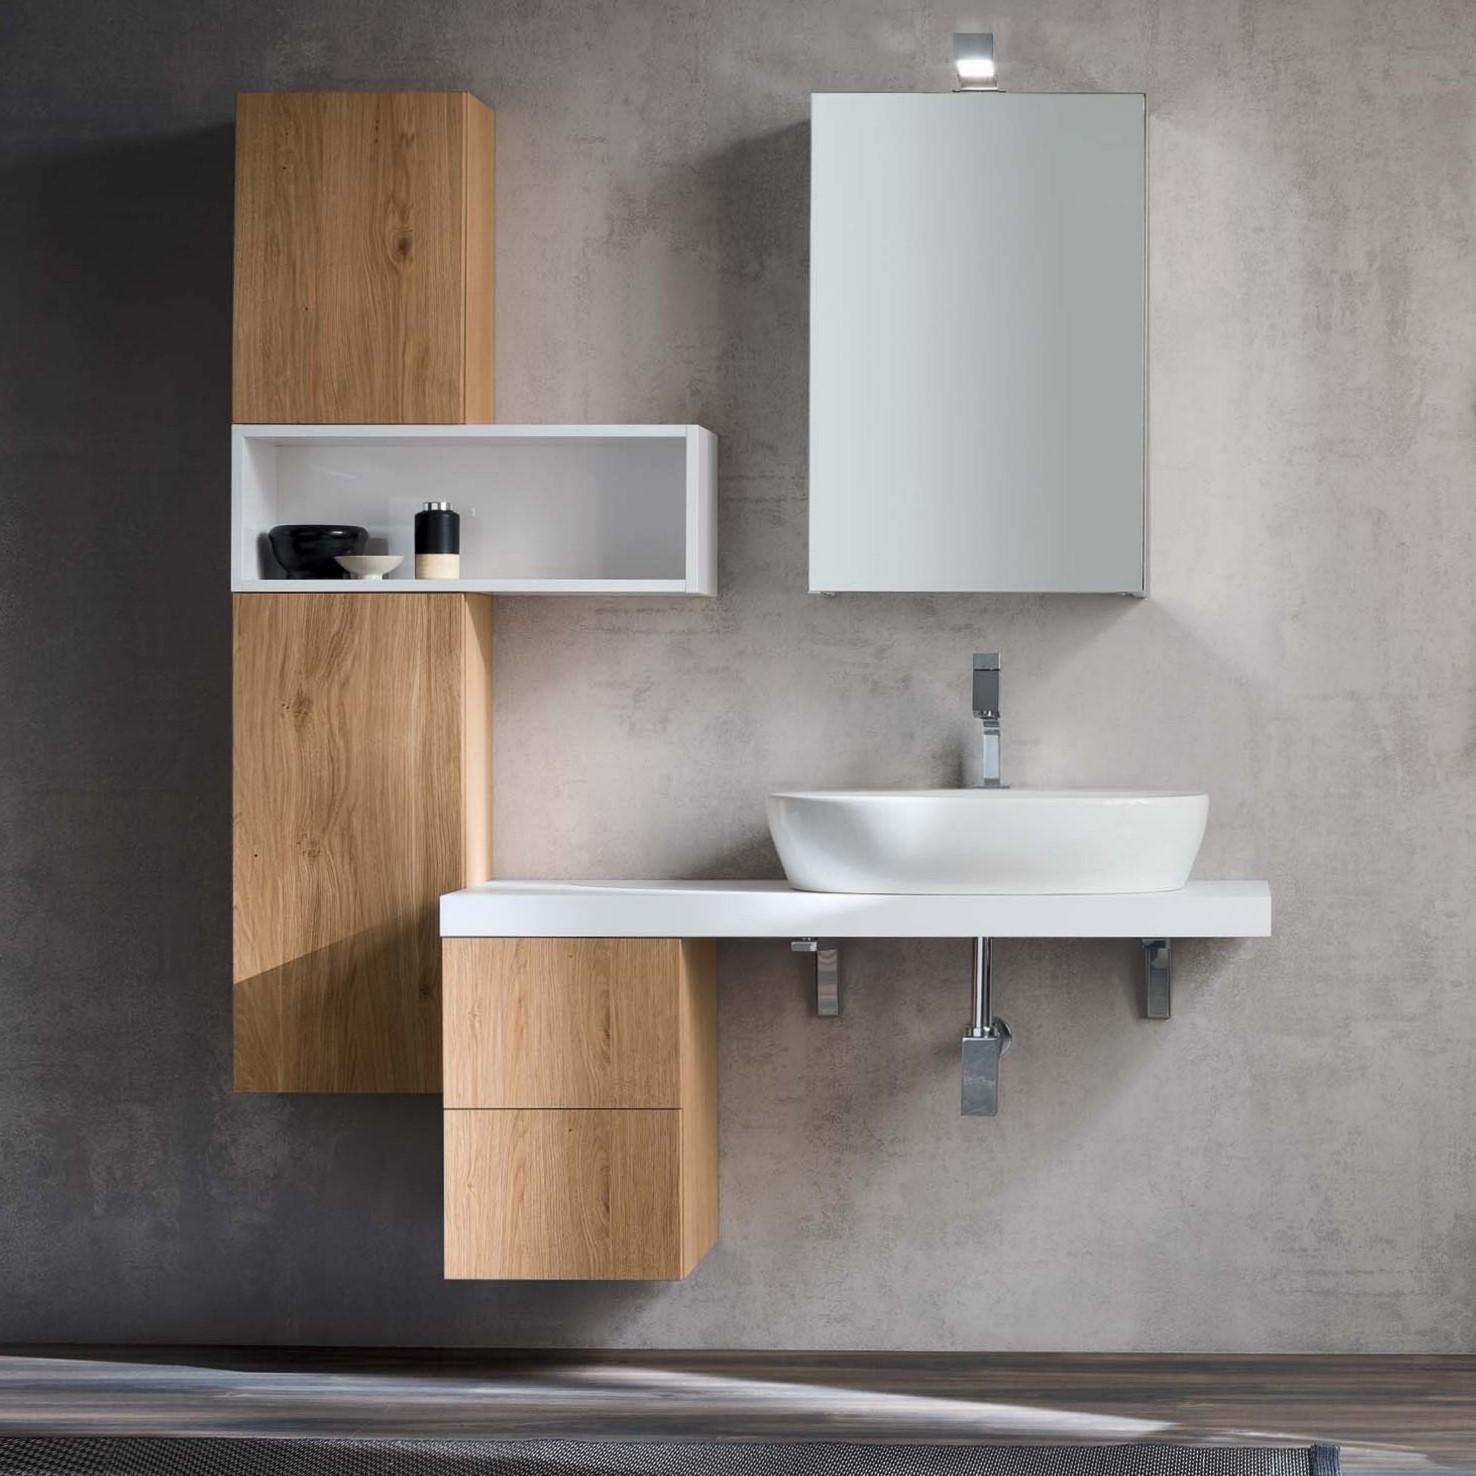 Idee  Mobile bagno moderno una mensola per il lavabo  ARREDACLICK